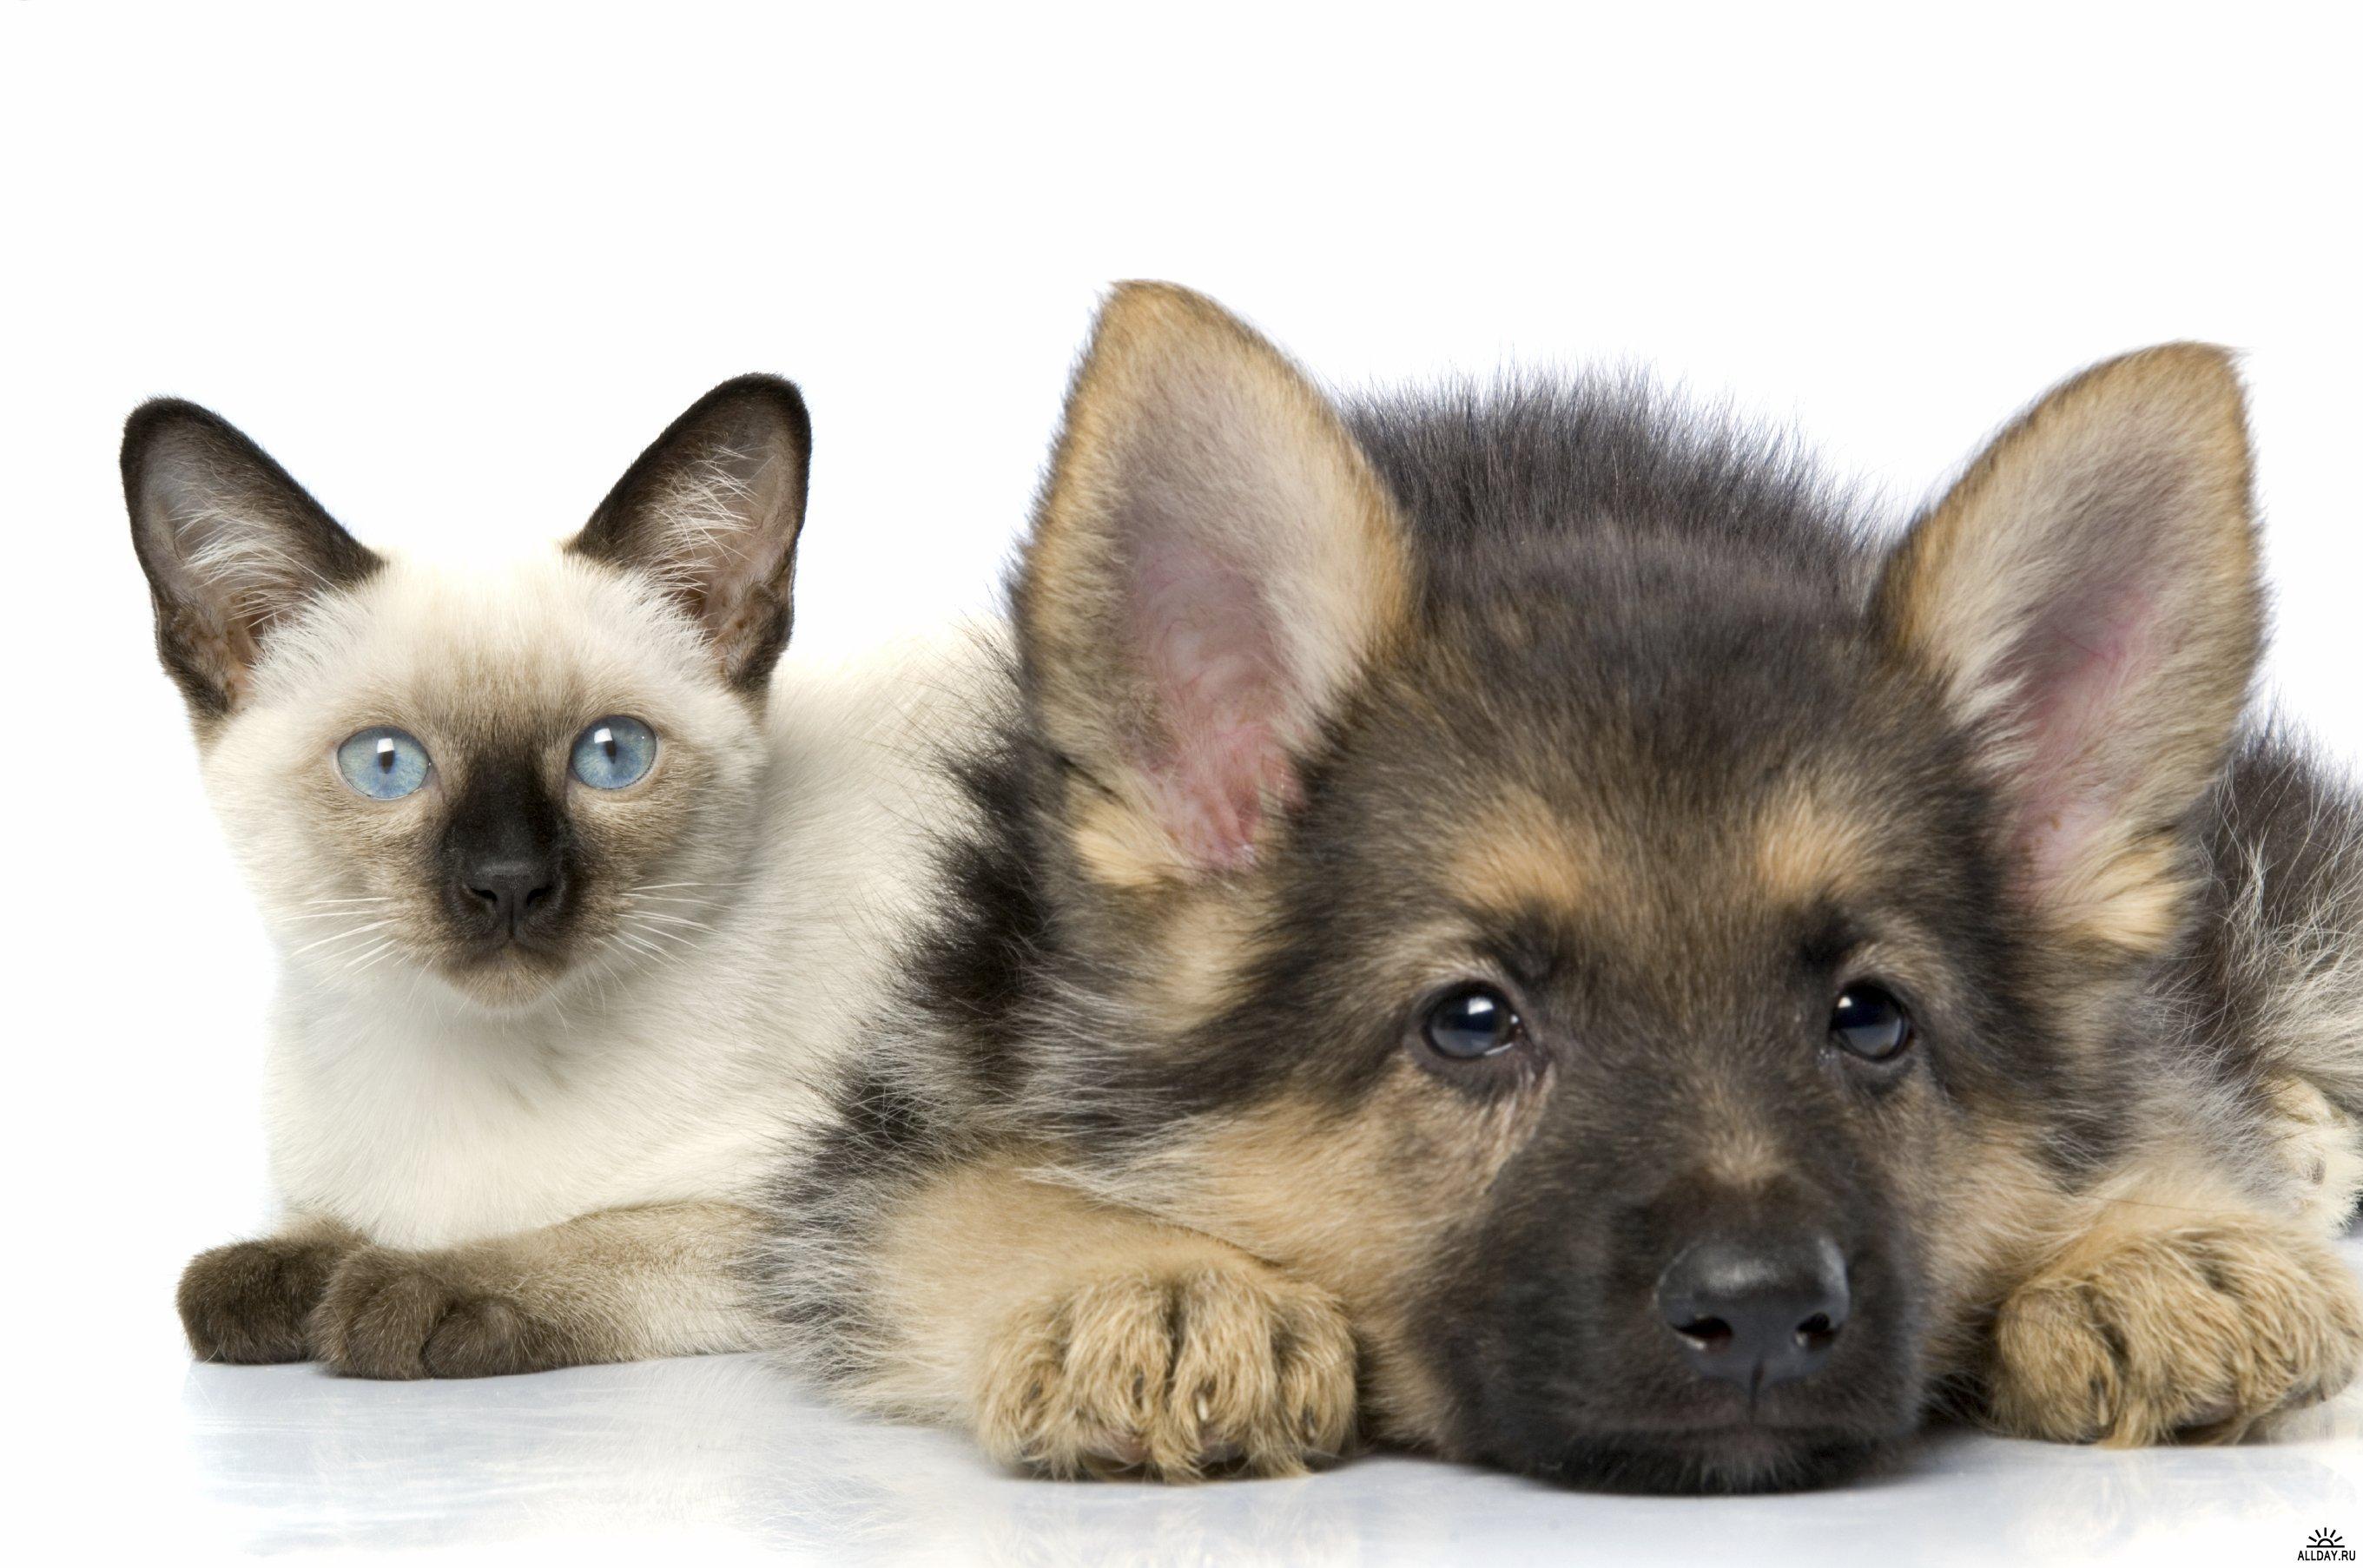 Москвичи предпочитают собак, а петербуржцы — кошек